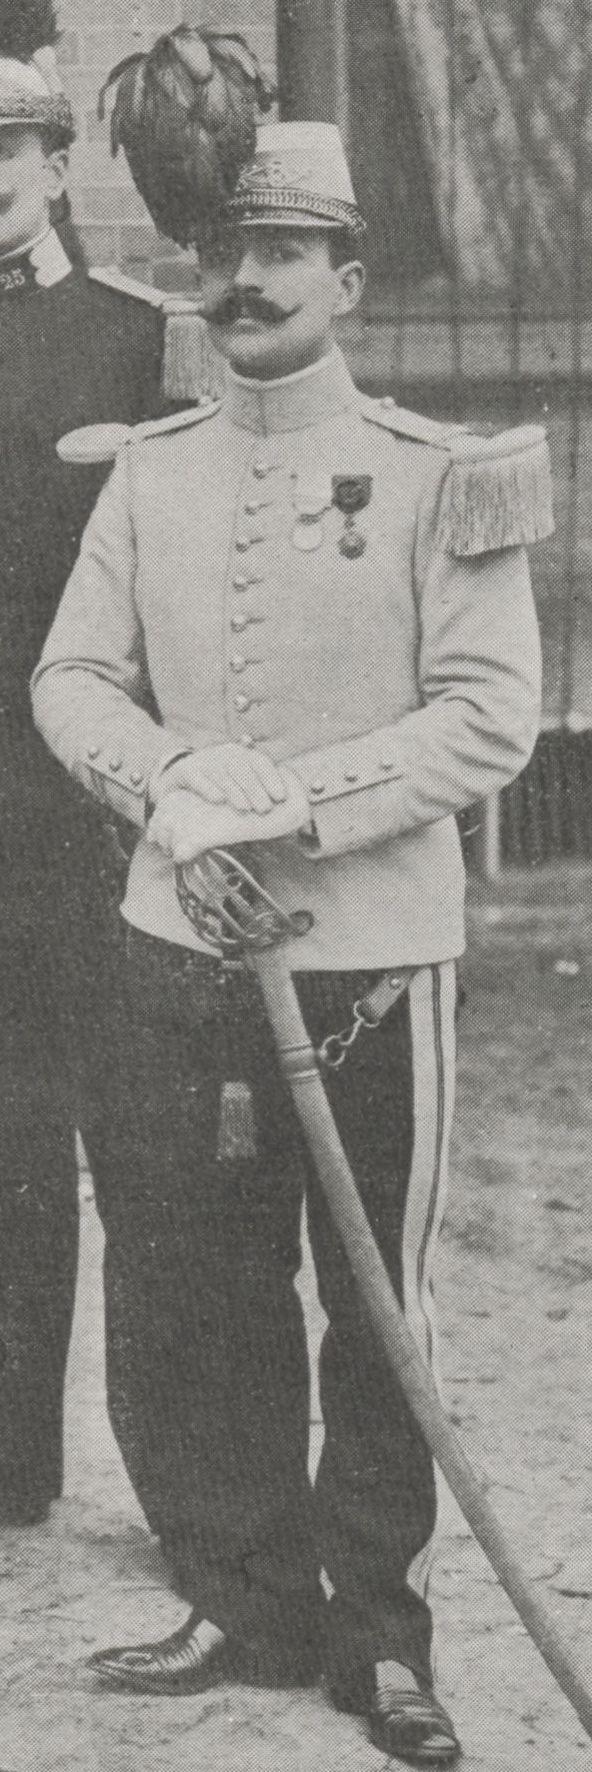 Un sabre napoléonien inhabituel sur un hussard de 1907 Equipe11